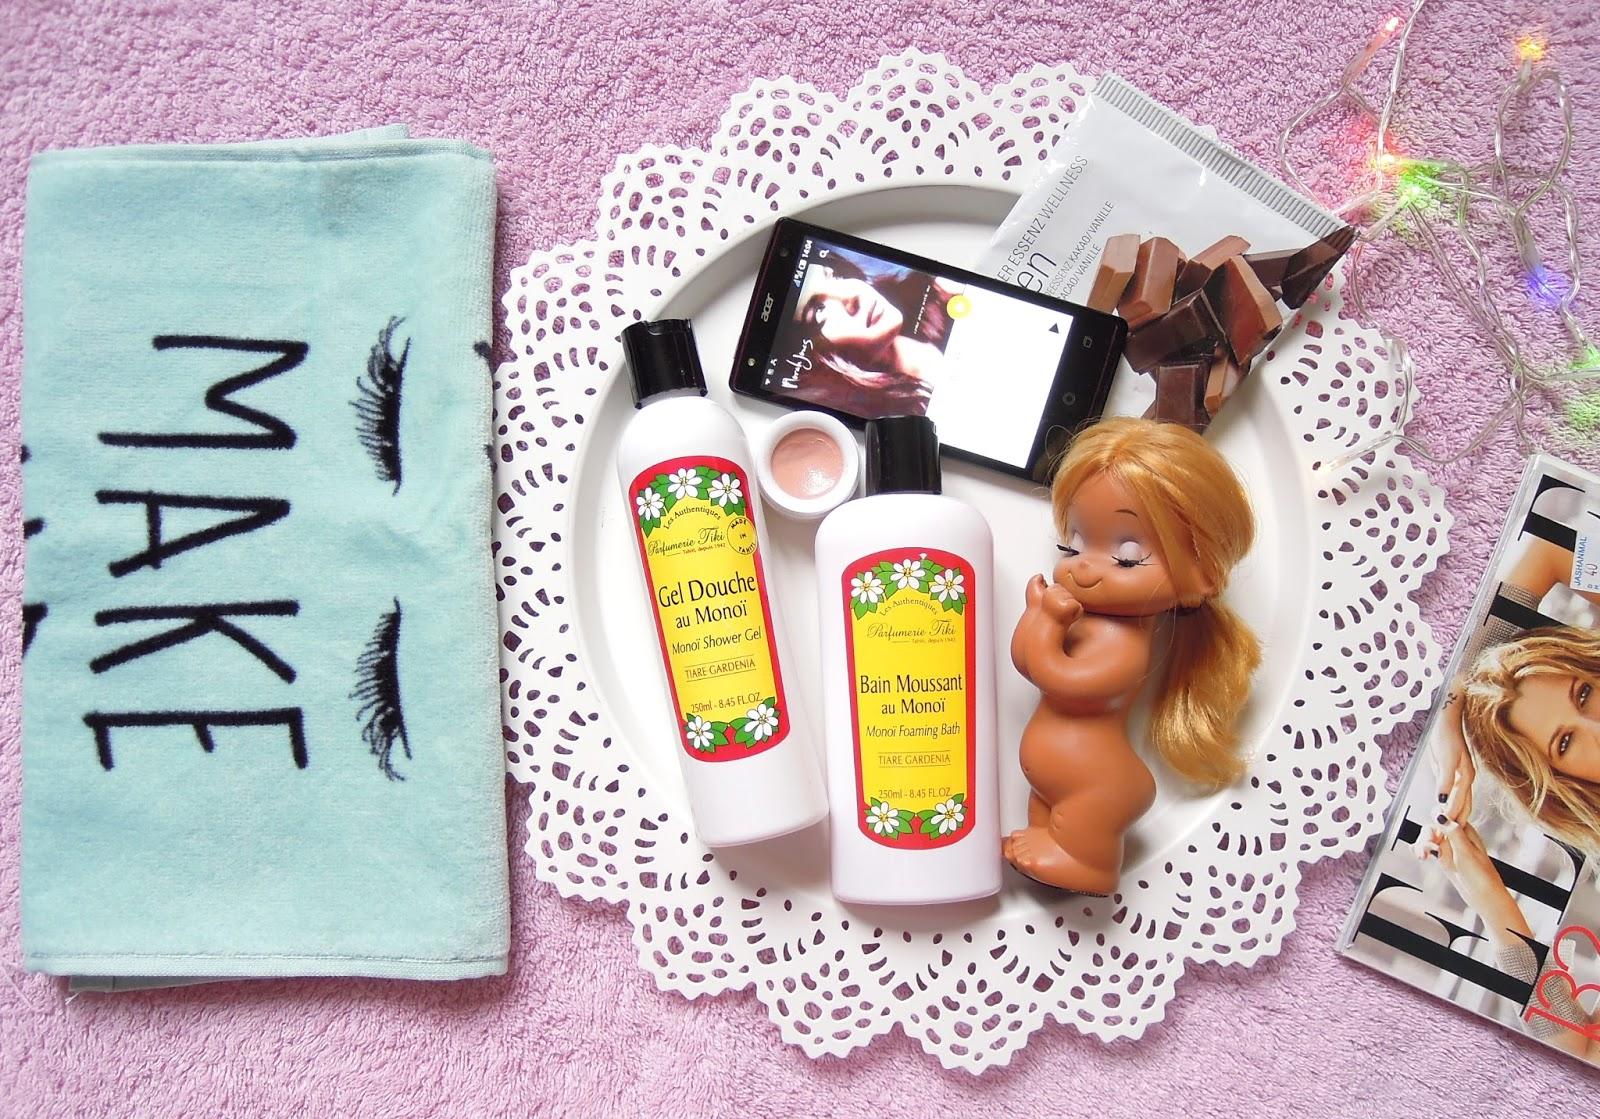 Koupelnove Ritualy Aneb Jak Starosti Odplouvaji Vintage Blog Bloglovin